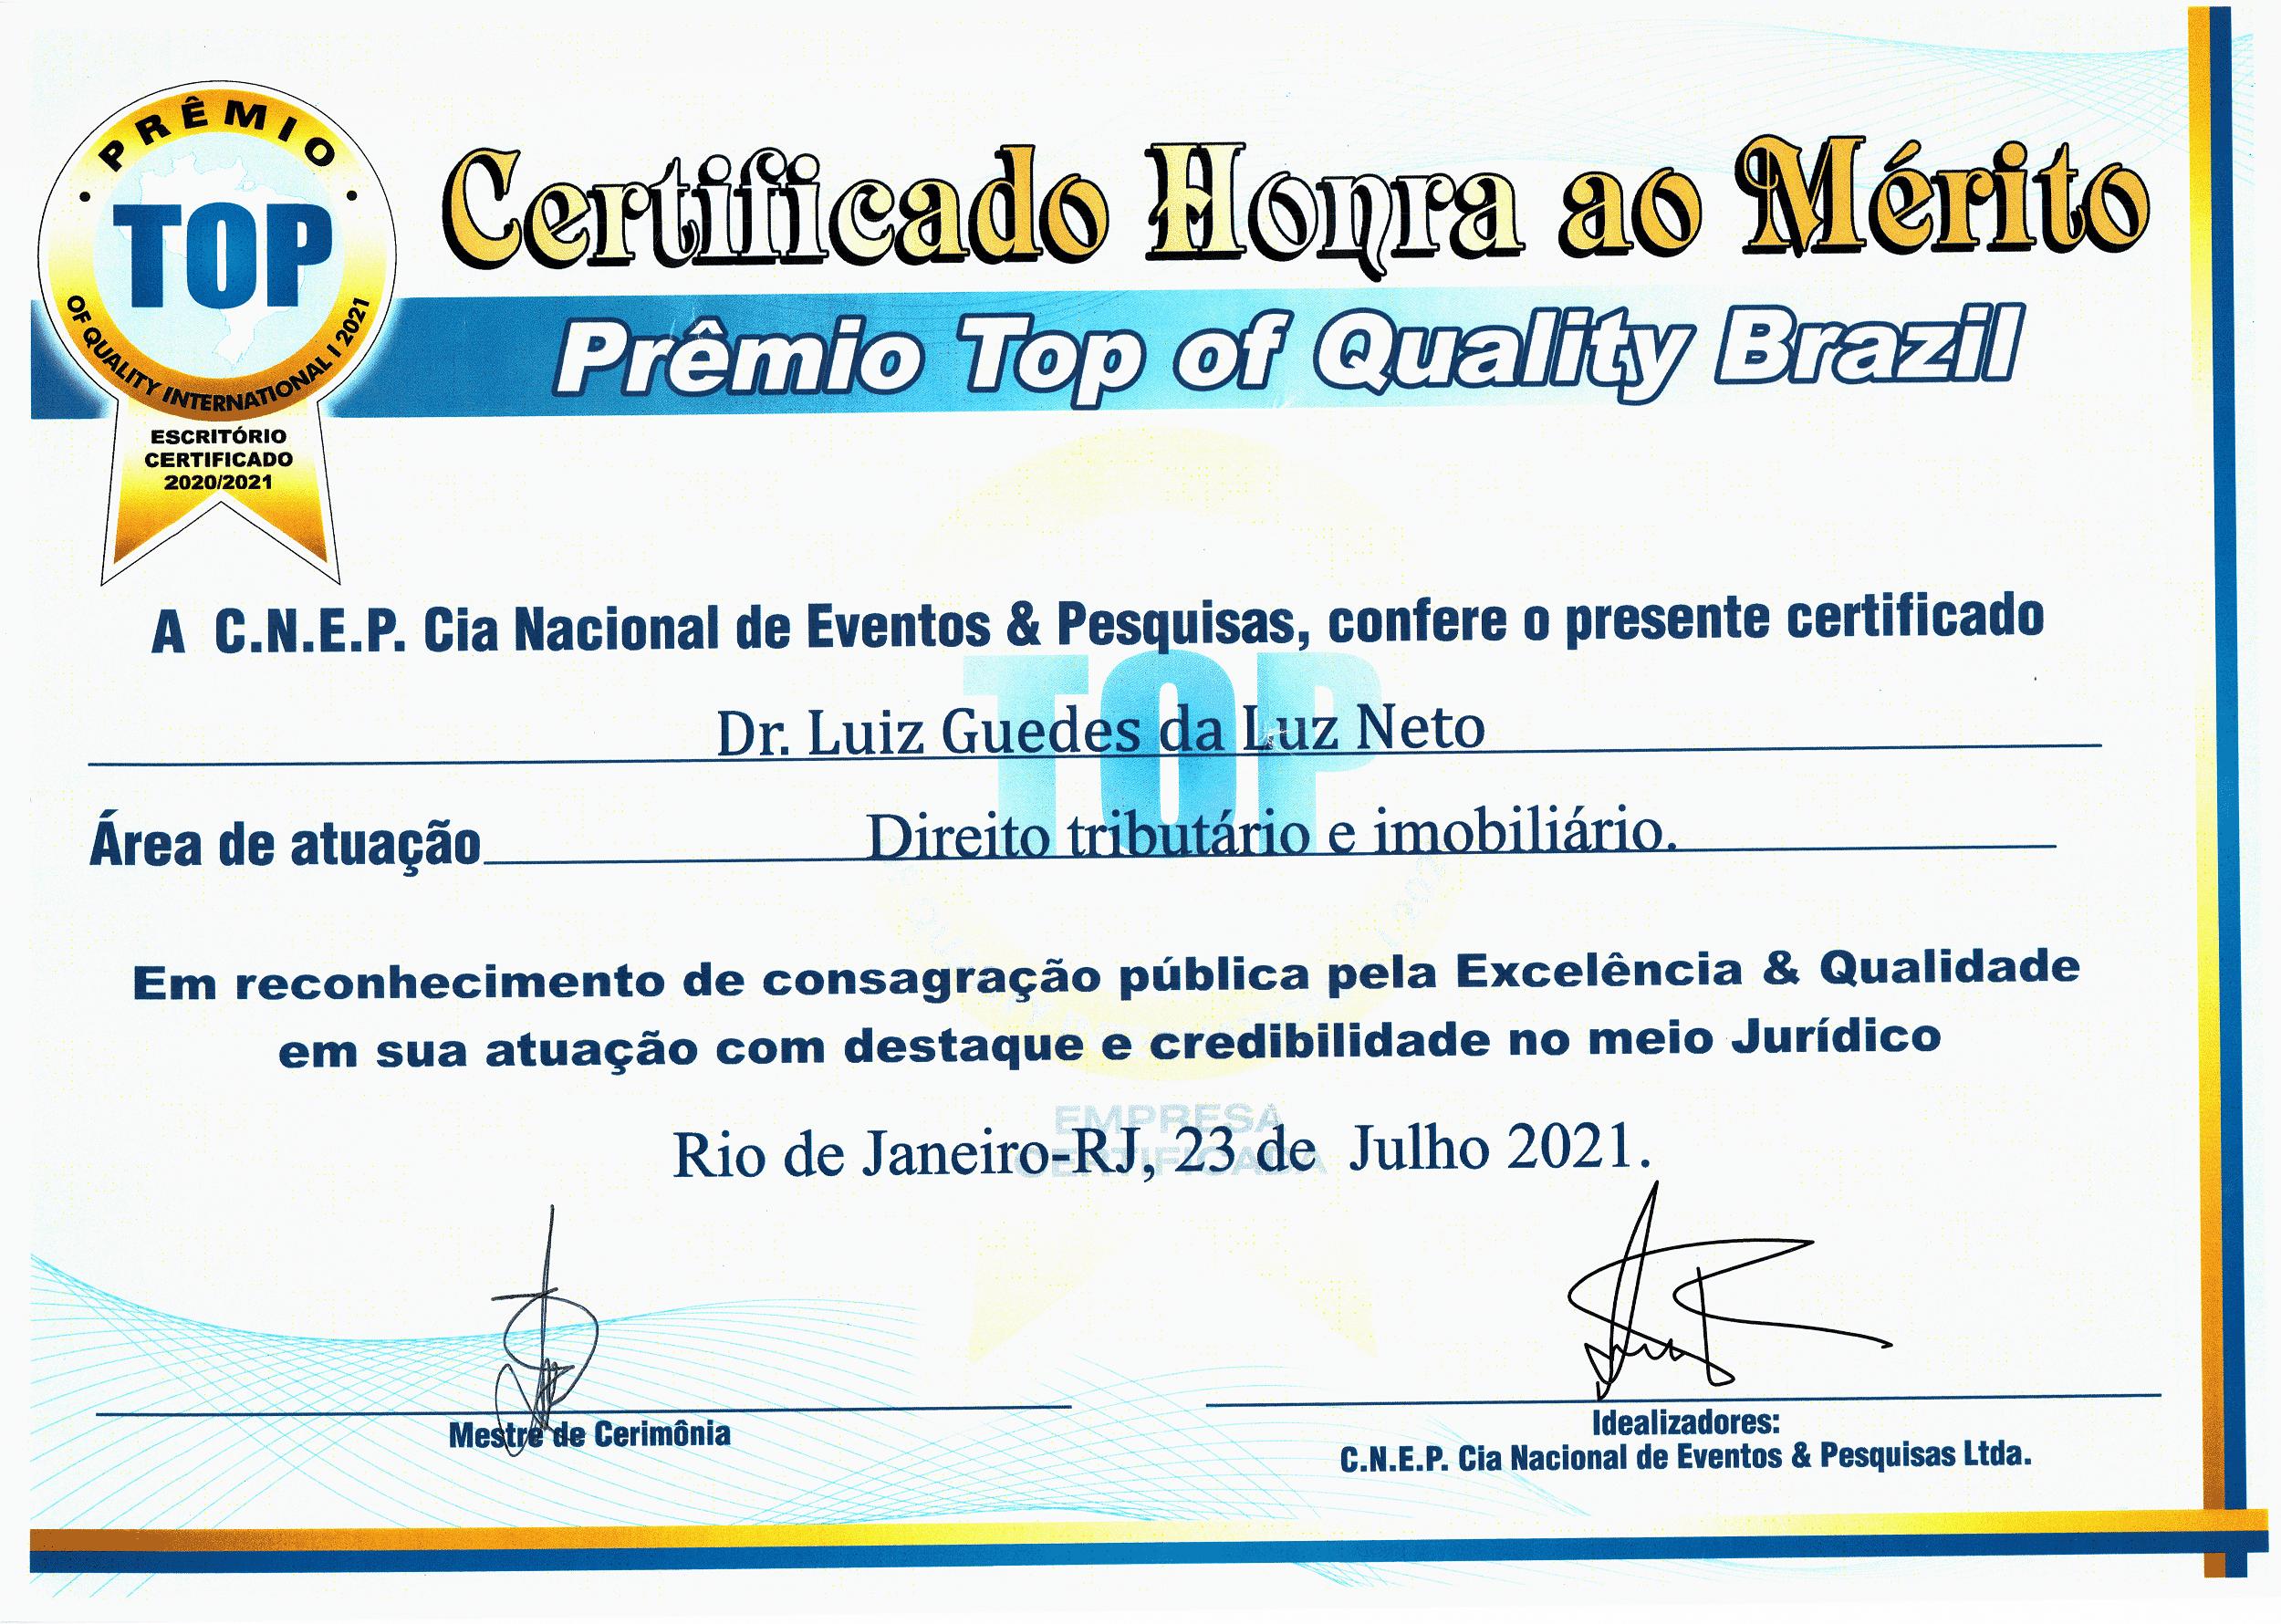 Prêmio Top of Quality Brazil